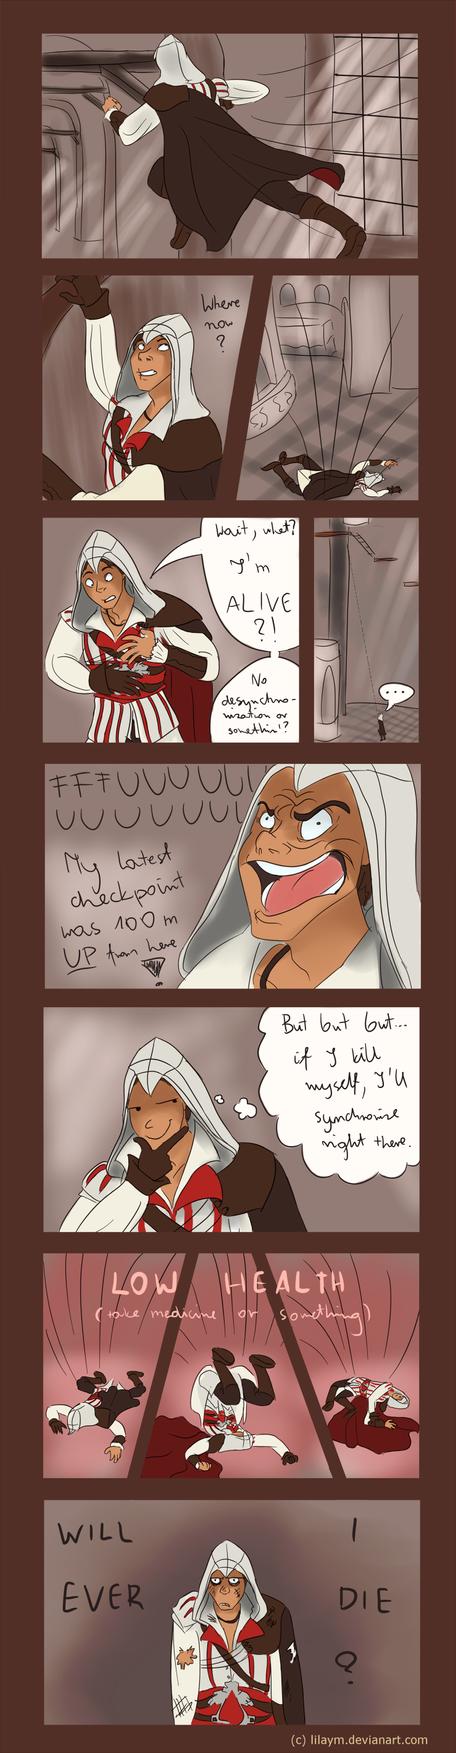 Suicidal Ezio by LilayM